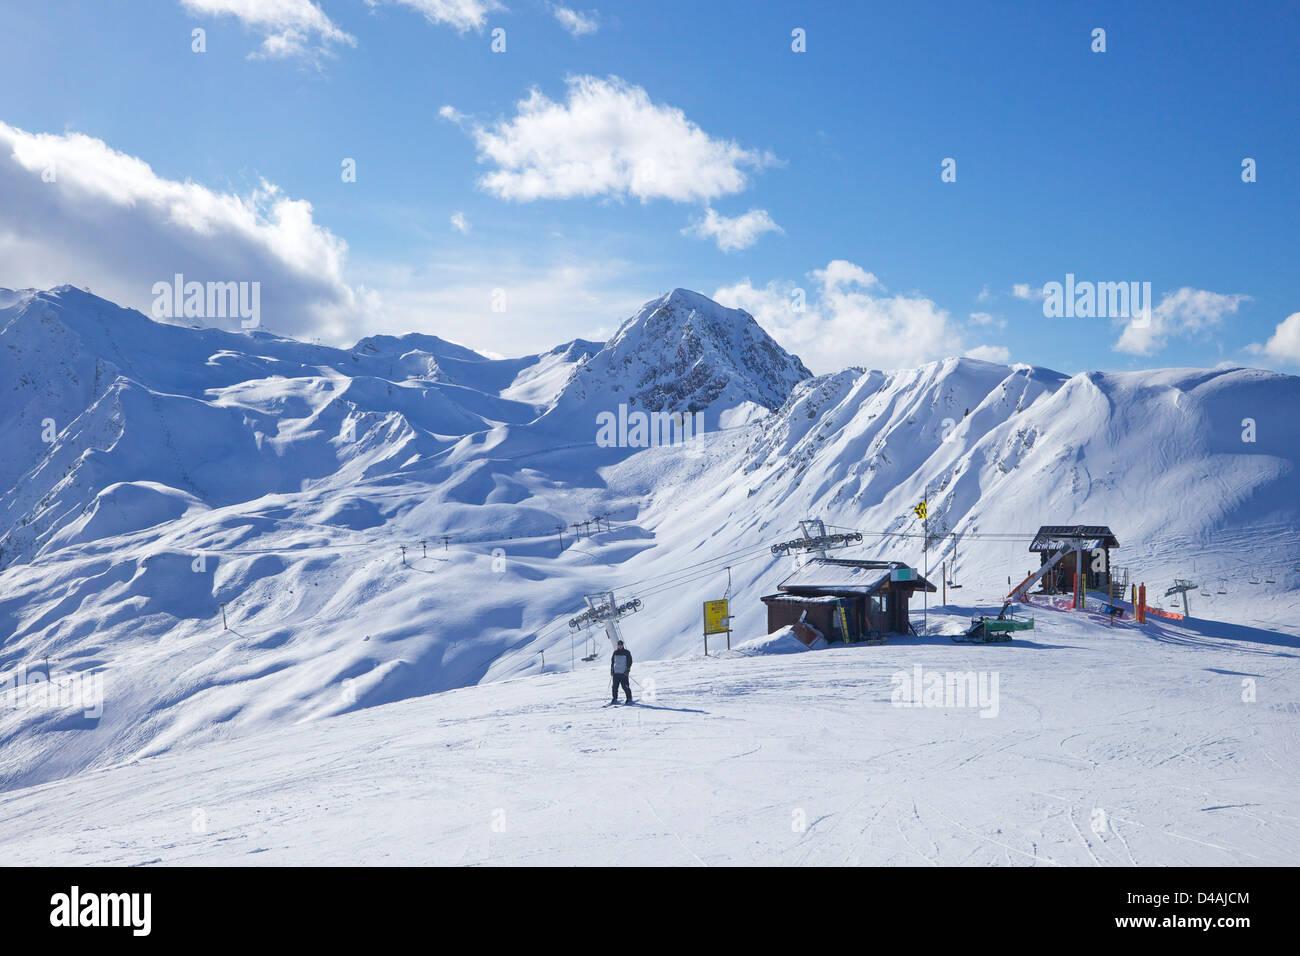 Vue de dos rond, La Plagne, Savoie, Alpes, France, Europe Photo Stock